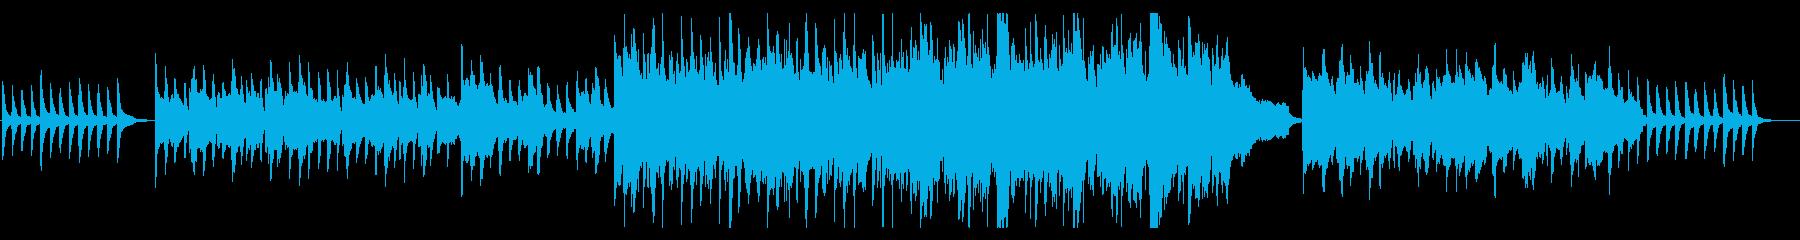 優しくて切ないアイリッシュ風な曲の再生済みの波形